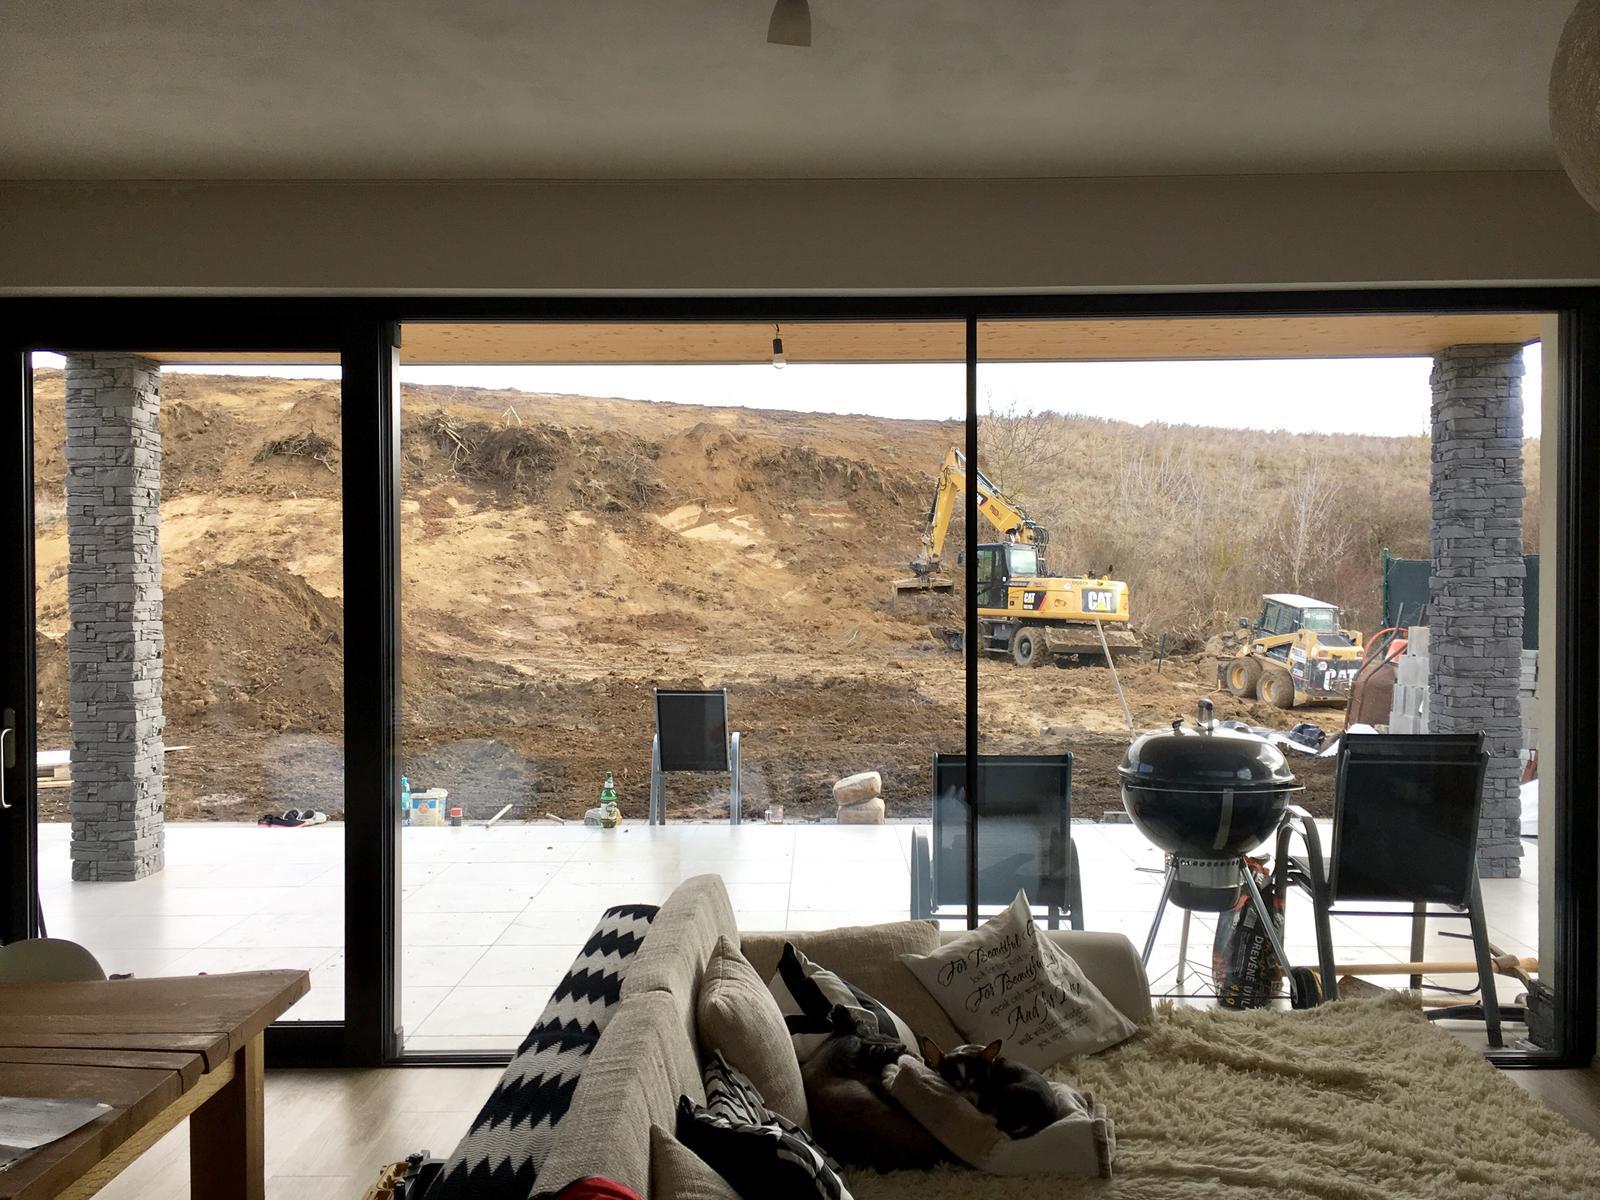 Exteriér domu snů - Aktuálně od nás, vypada to, že do měsíce budeme mít trávník a hotový, 2 věci za který s vyplatí si připlatit a mít to hned 😄